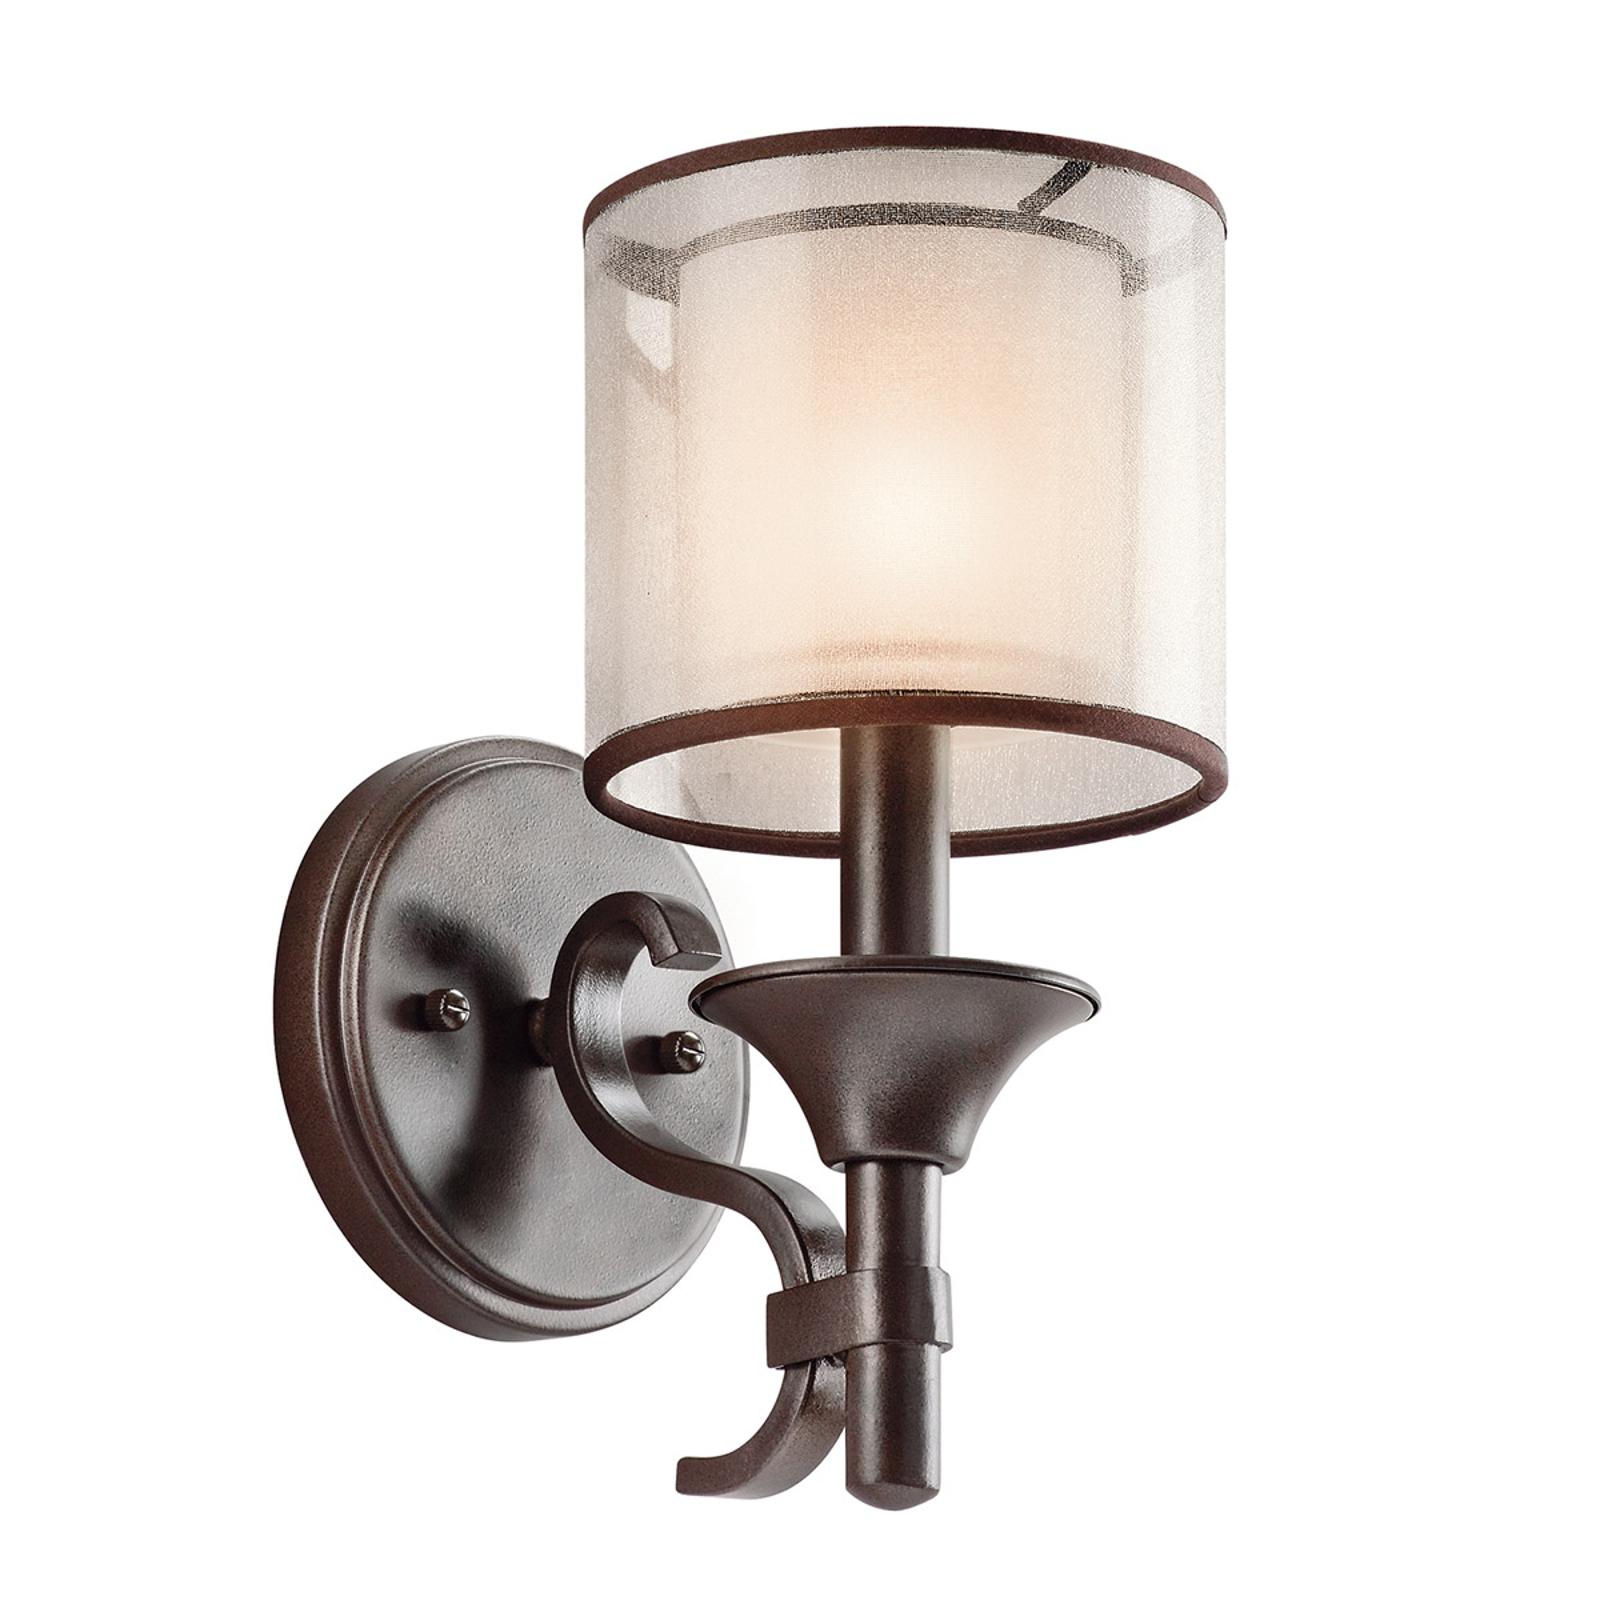 Vägglampa Lacey med dubbelskärm